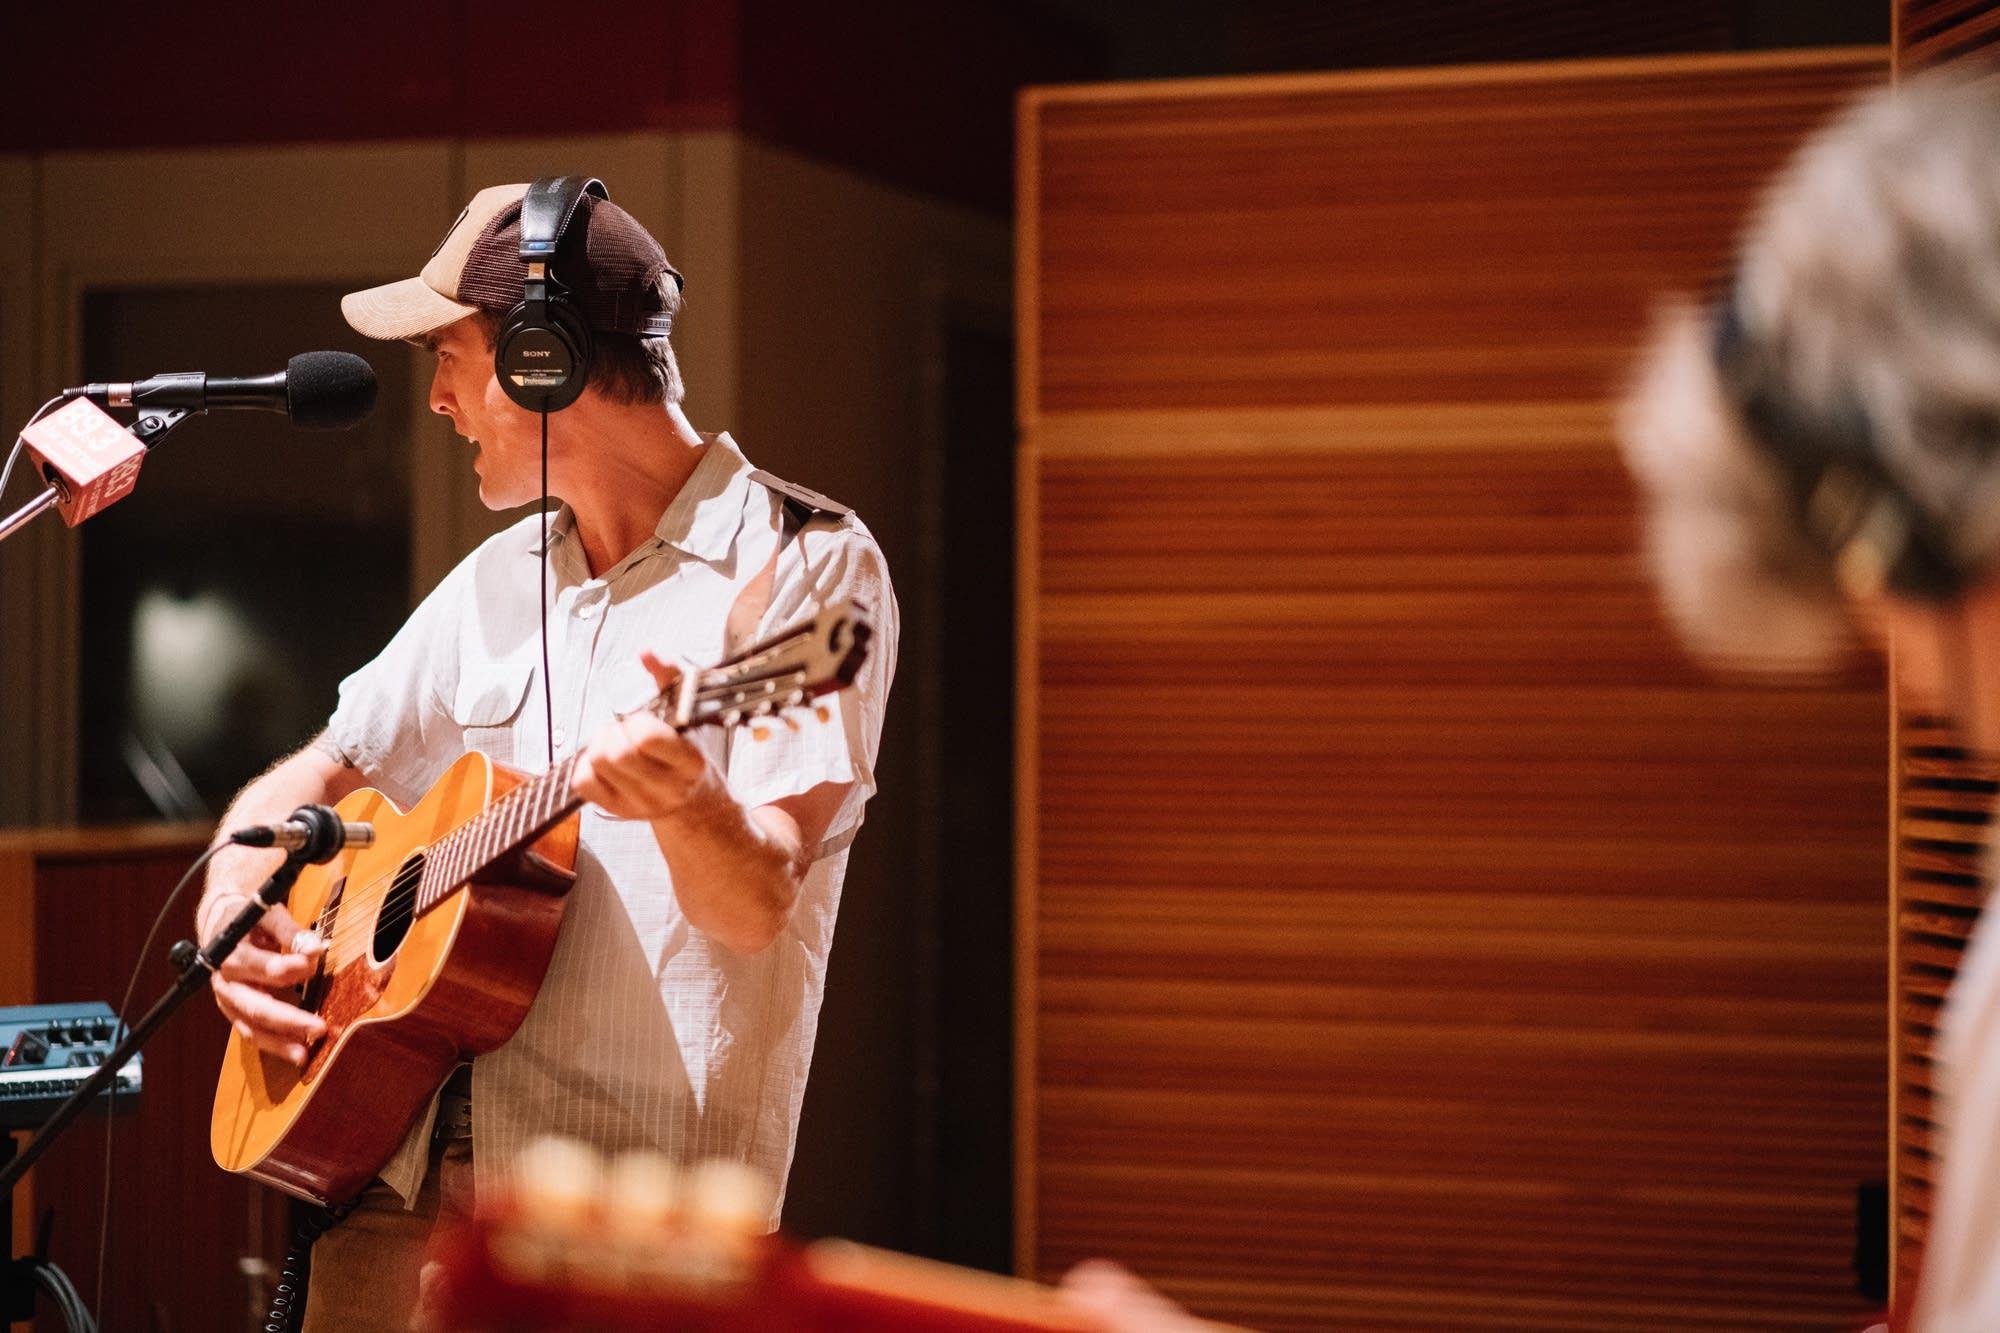 Jack Klatt performs at Radio Heartland